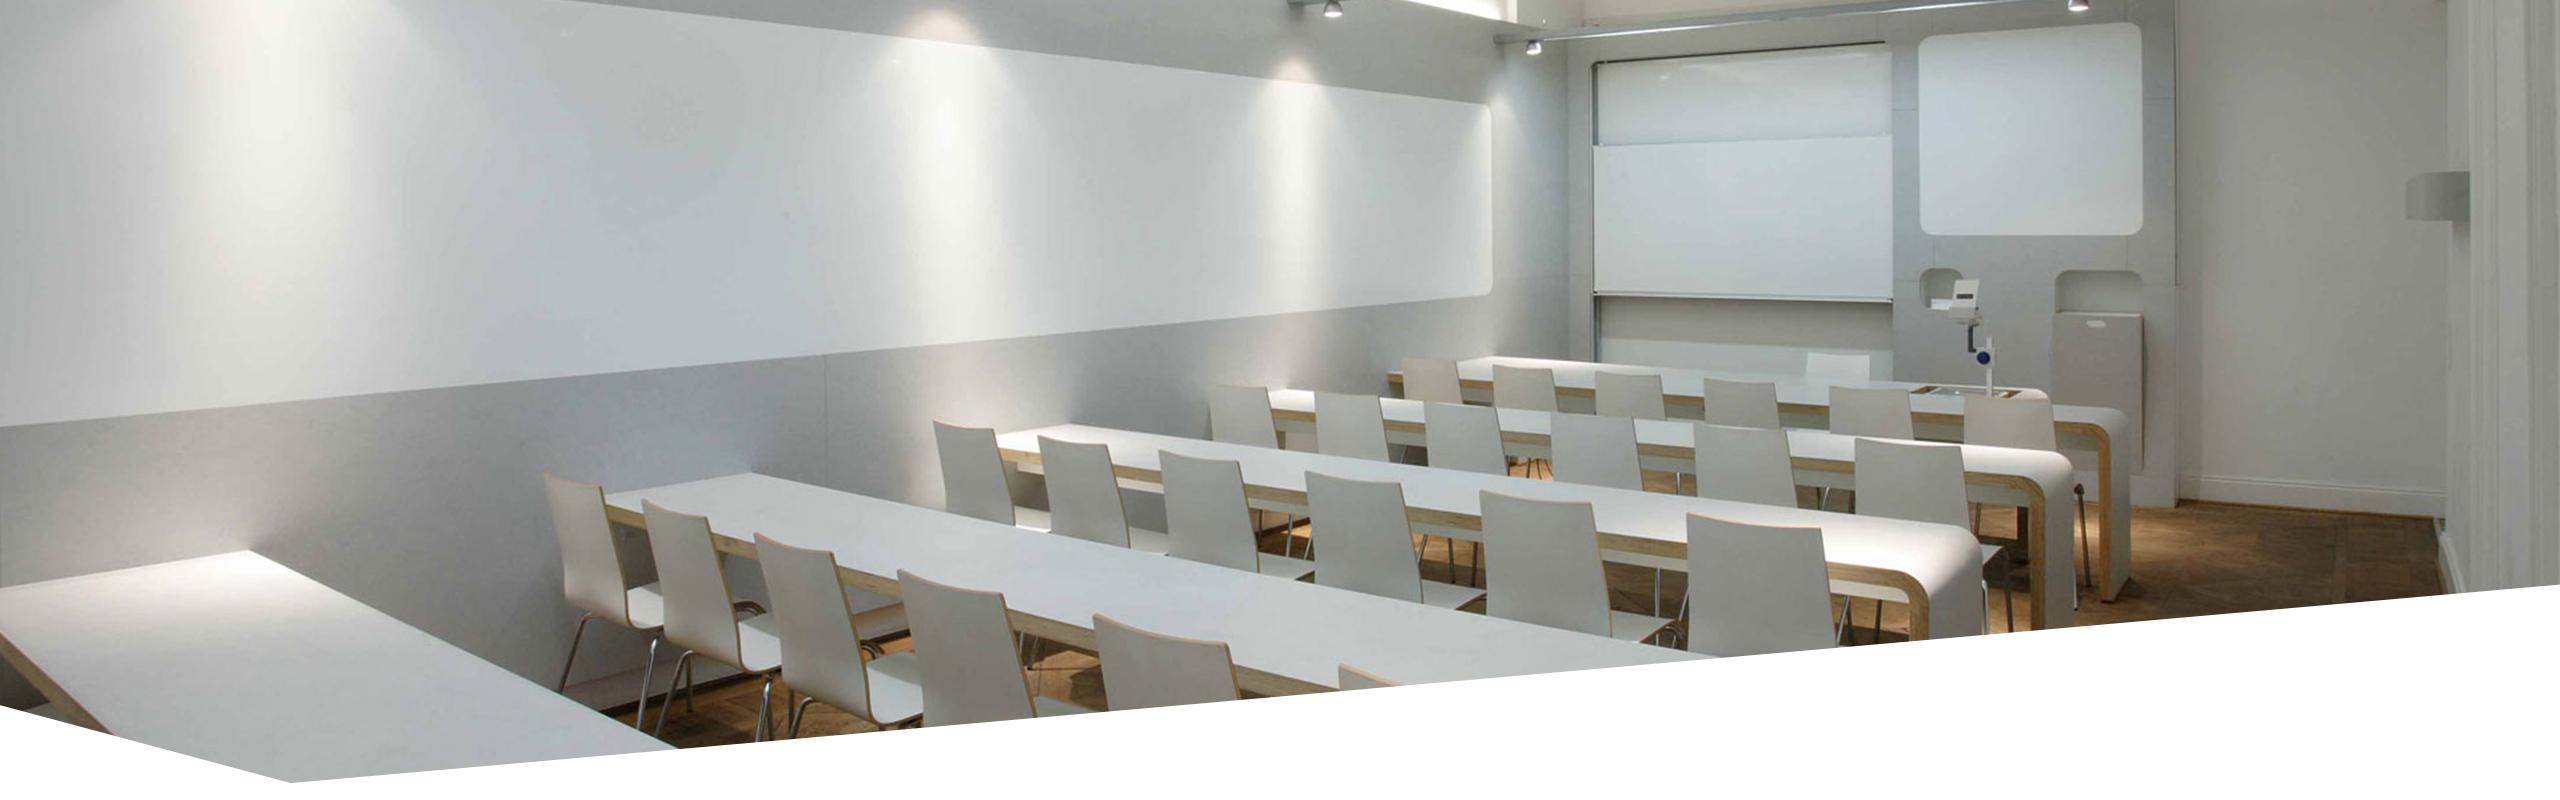 Leerer Seminarraum mit Tafel, Tageslichtprojektor und Tischreihen